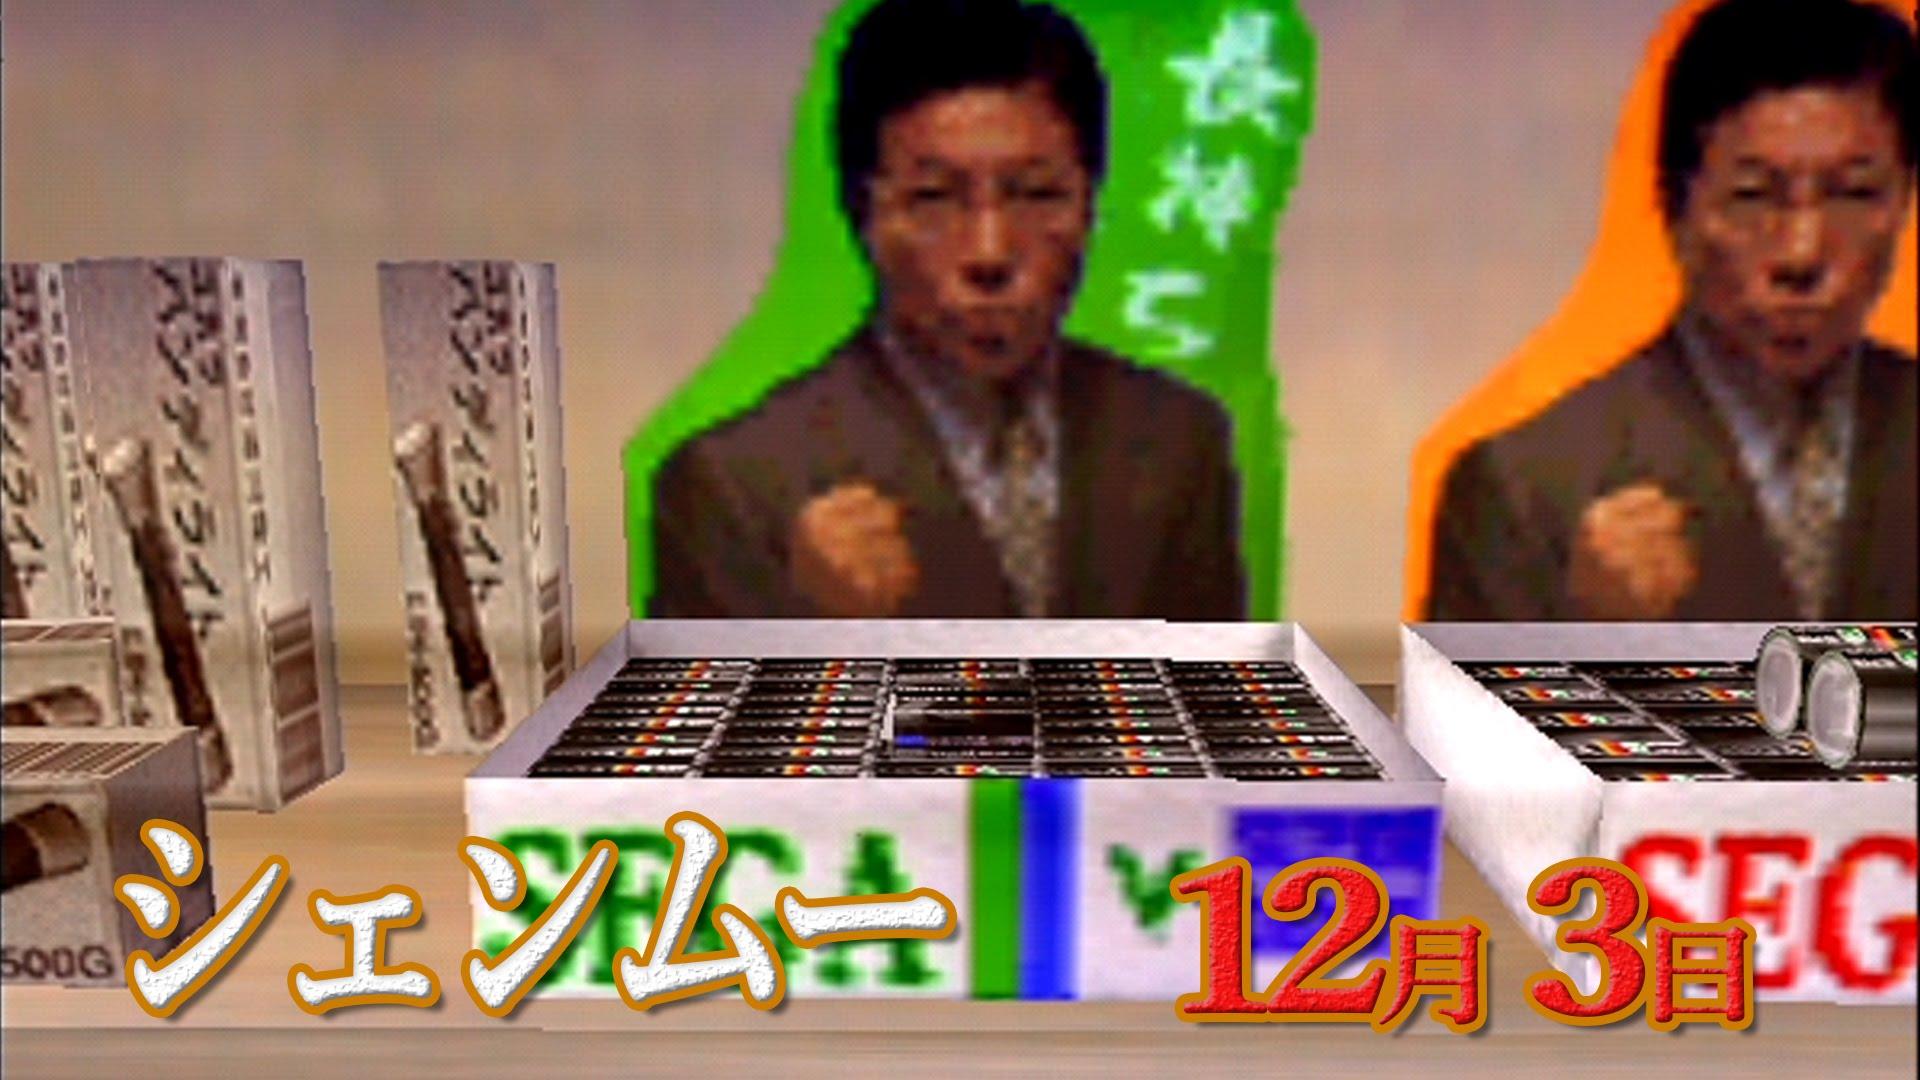 【12月3日】シェンムー 一章 横須賀 #其の二